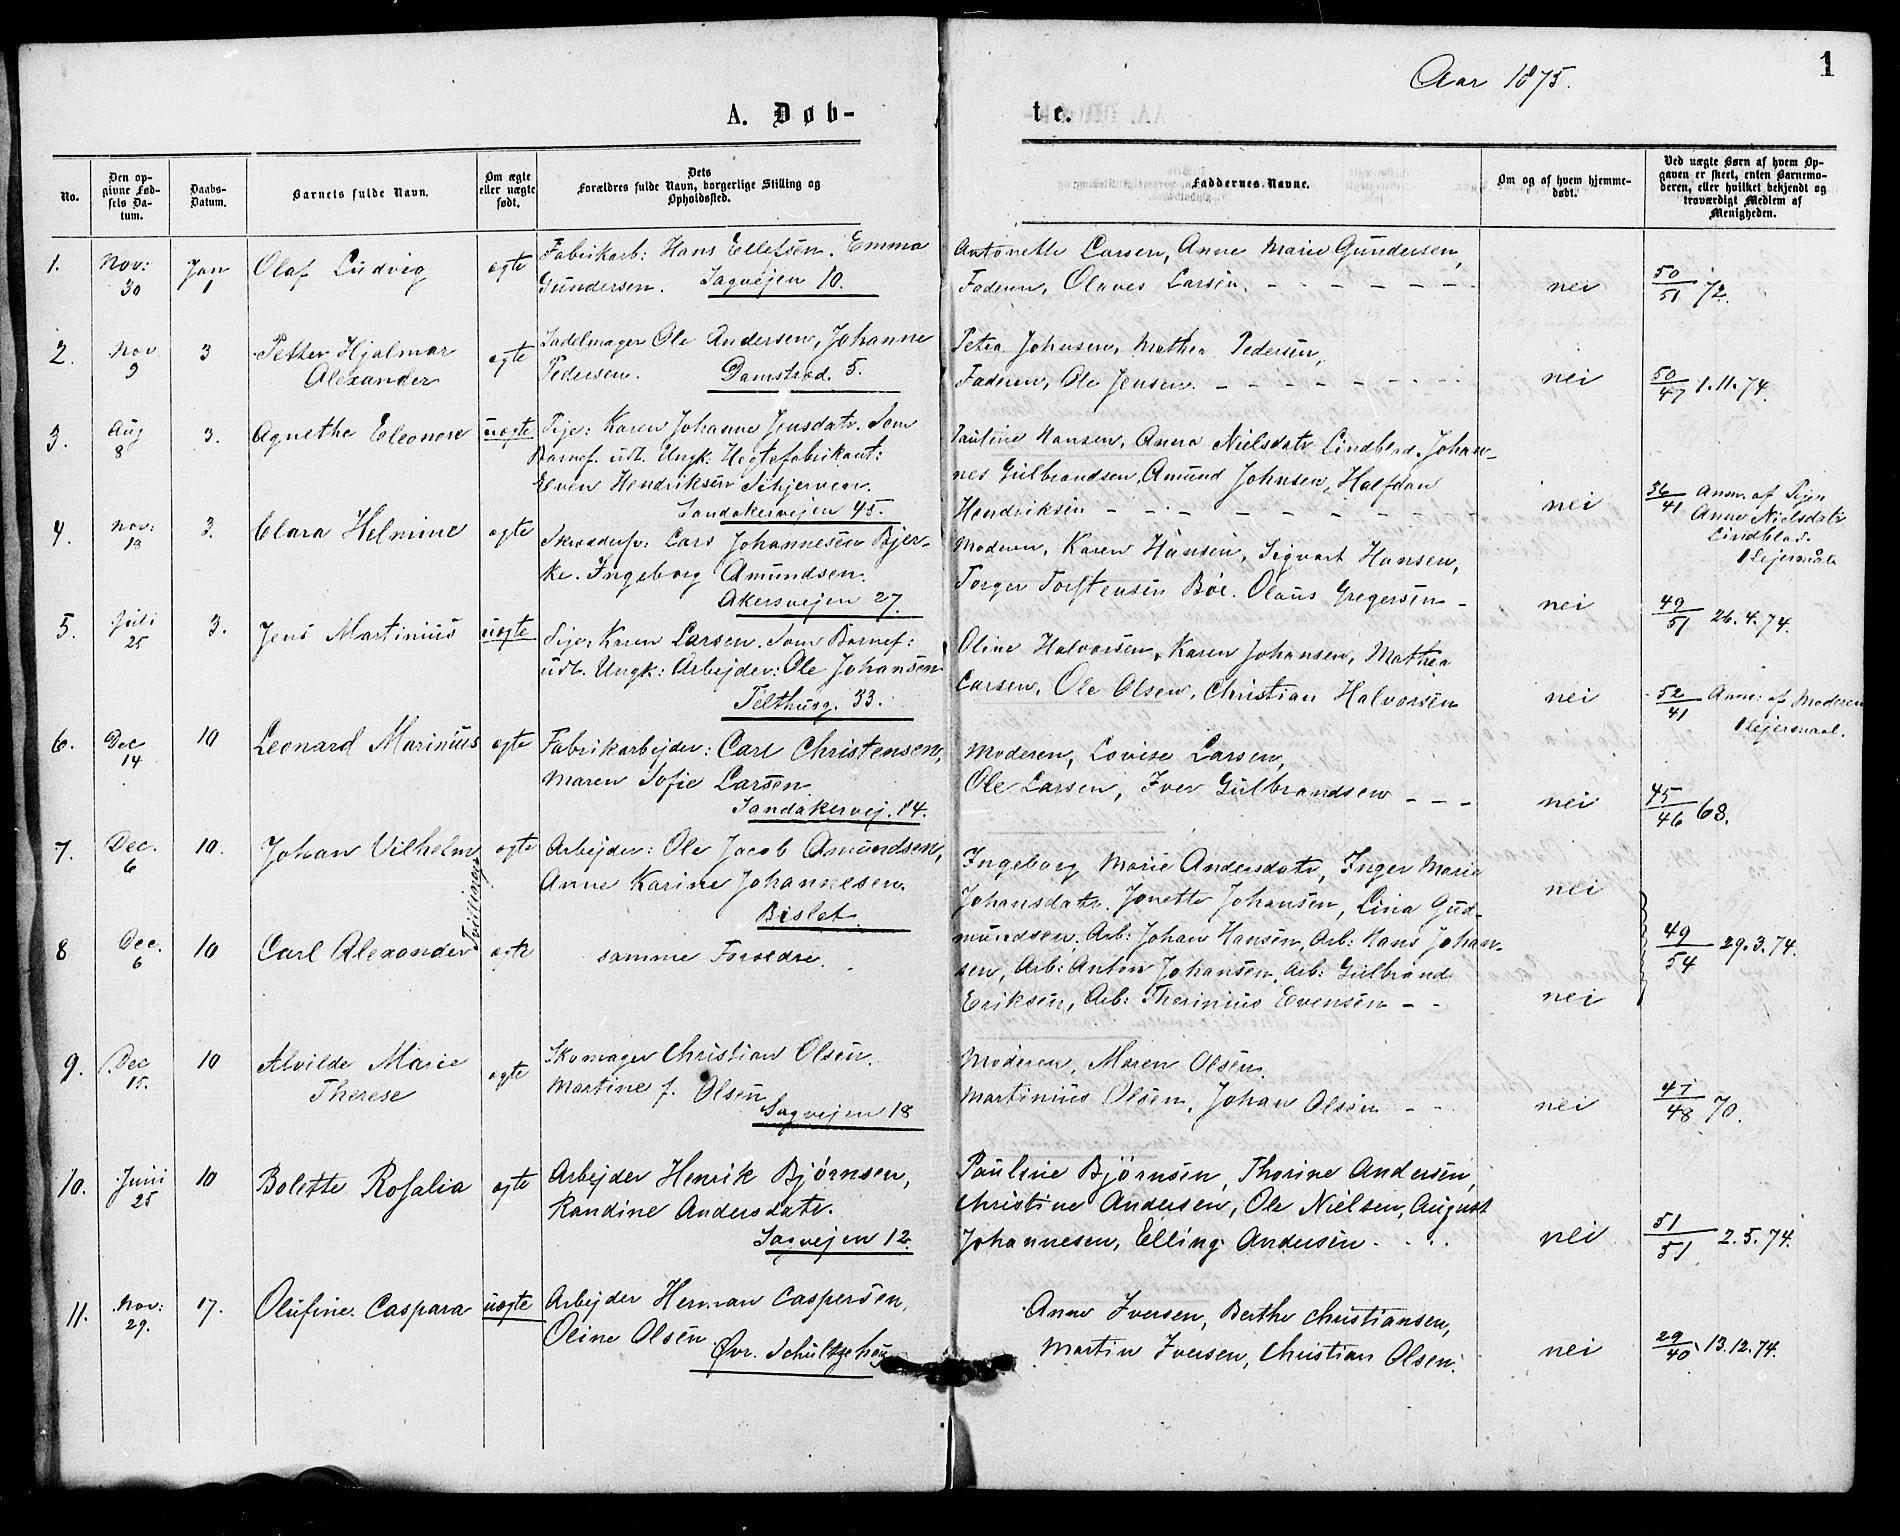 SAO, Gamle Aker prestekontor Kirkebøker, G/L0004: Klokkerbok nr. 4, 1875-1879, s. 1